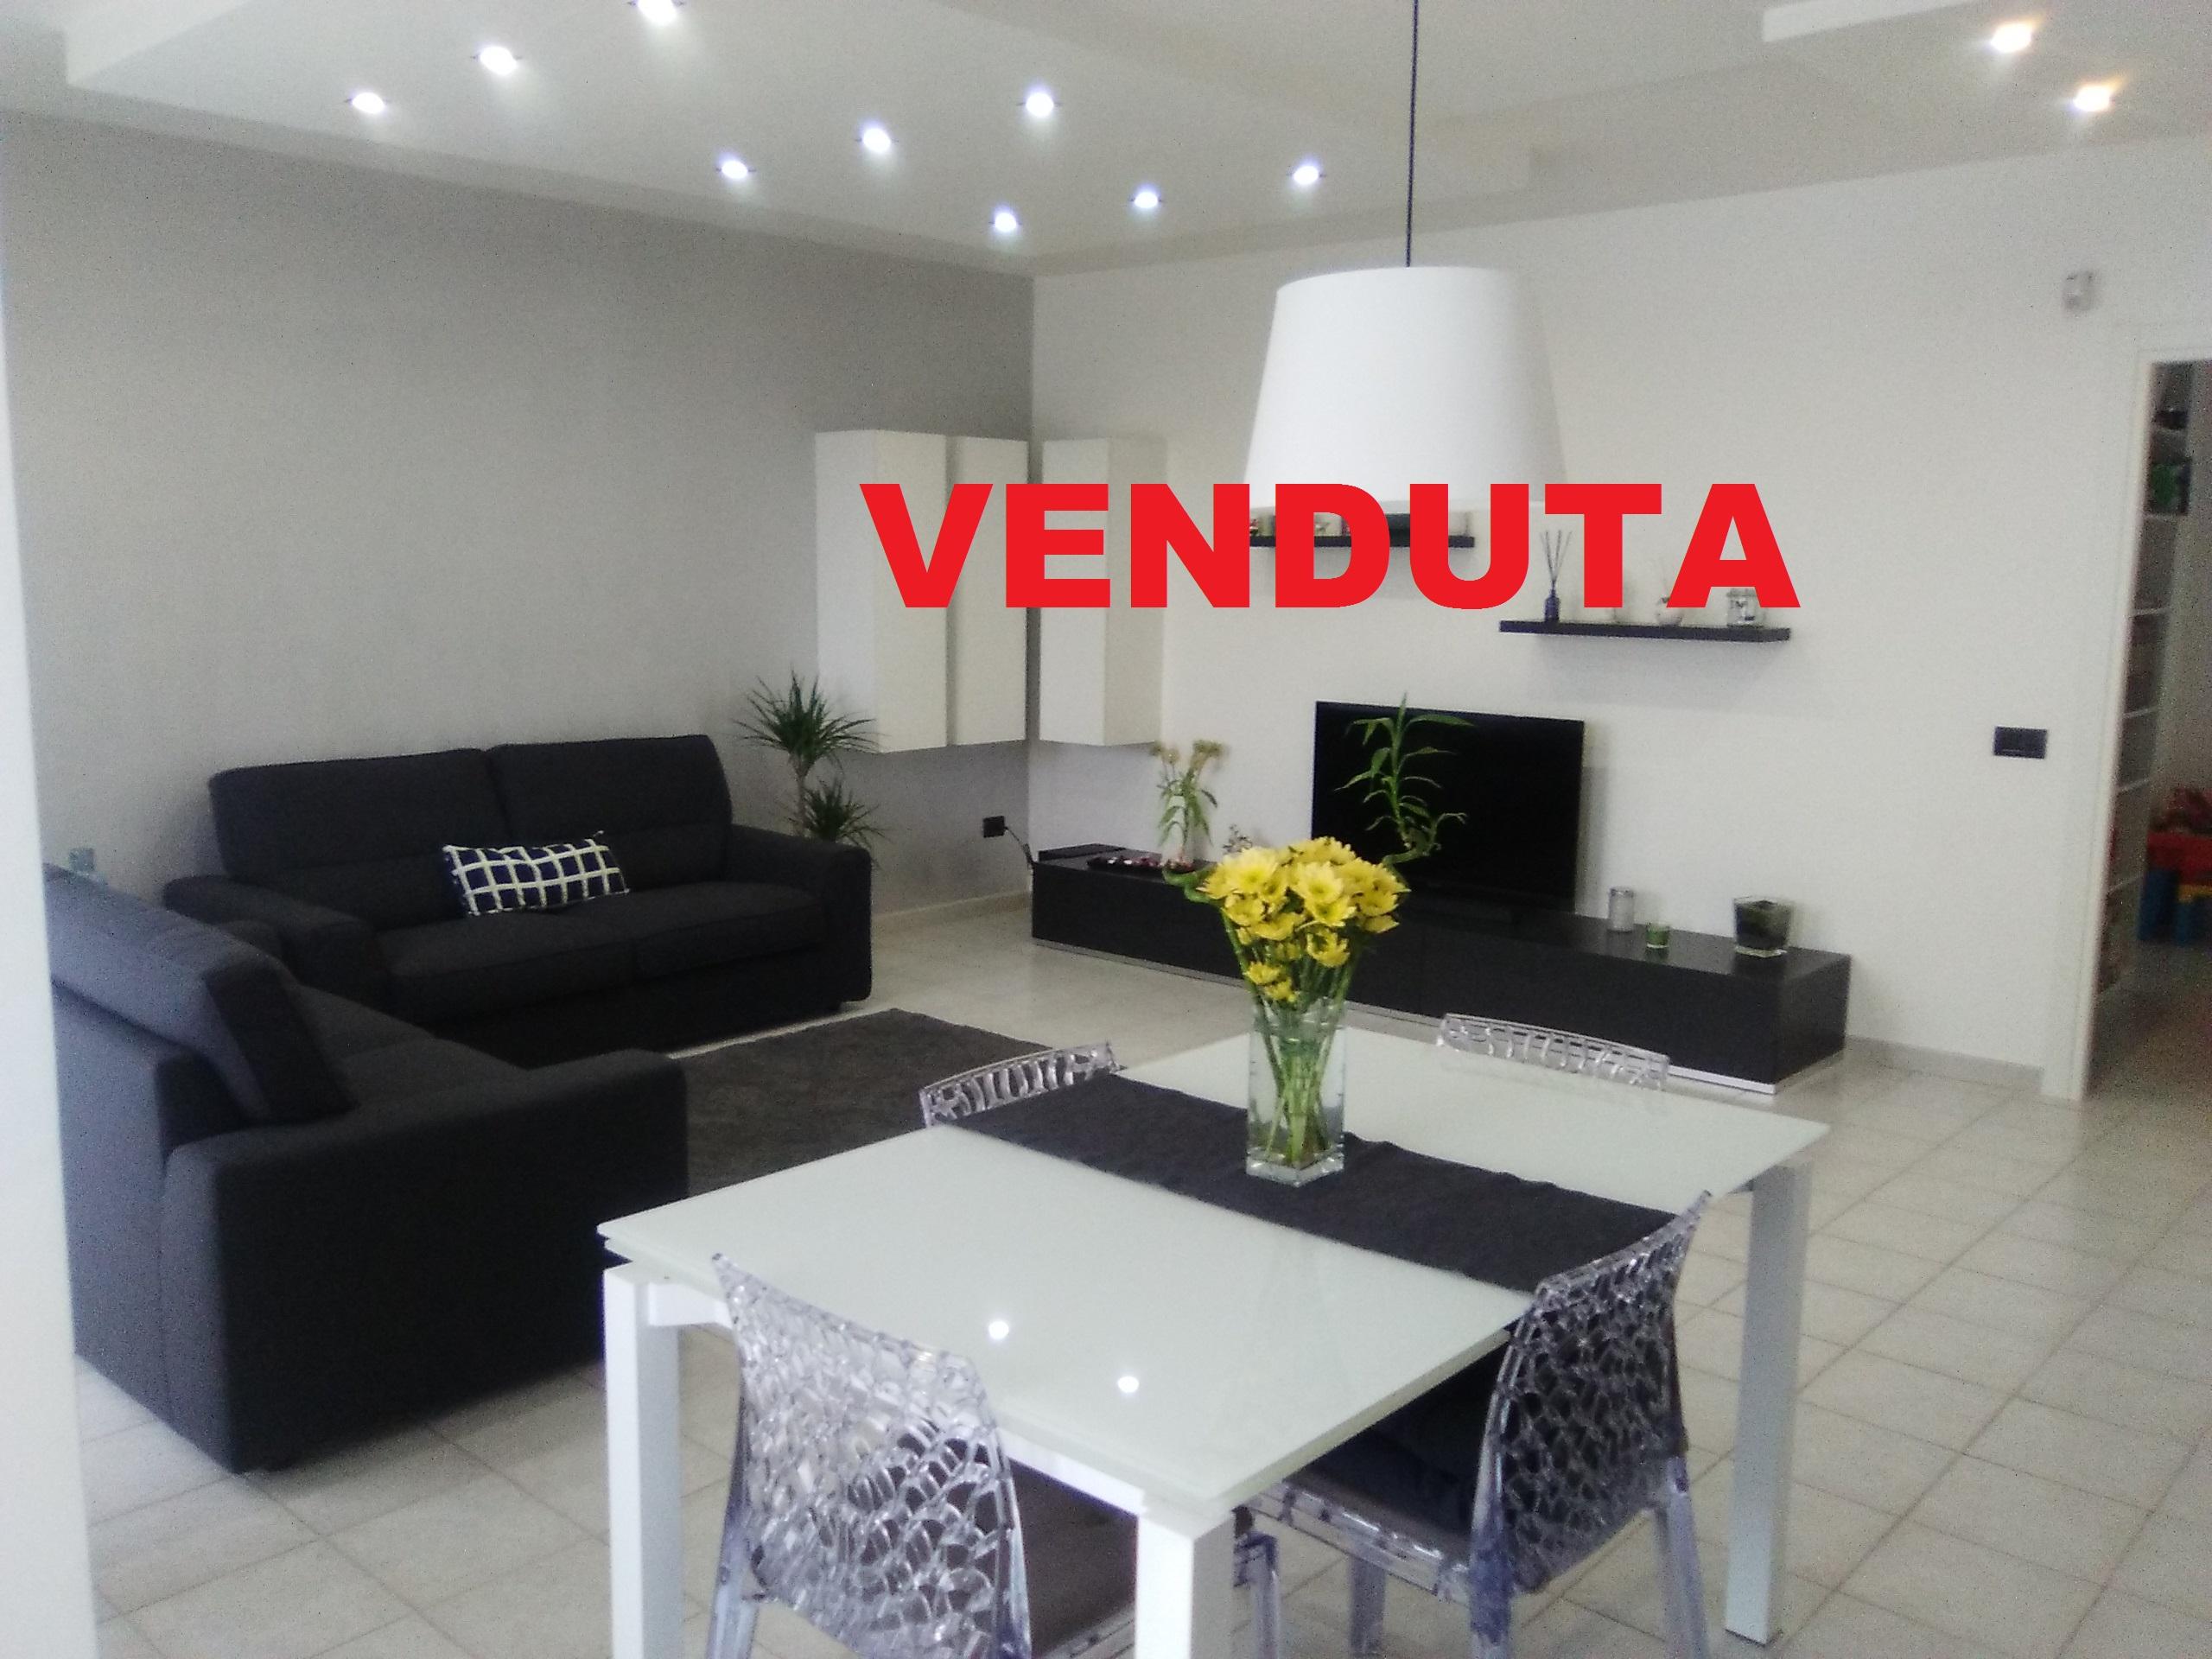 Appartamento a Foggia-Zona Comparto Biccari 3 vani doppi servizi box